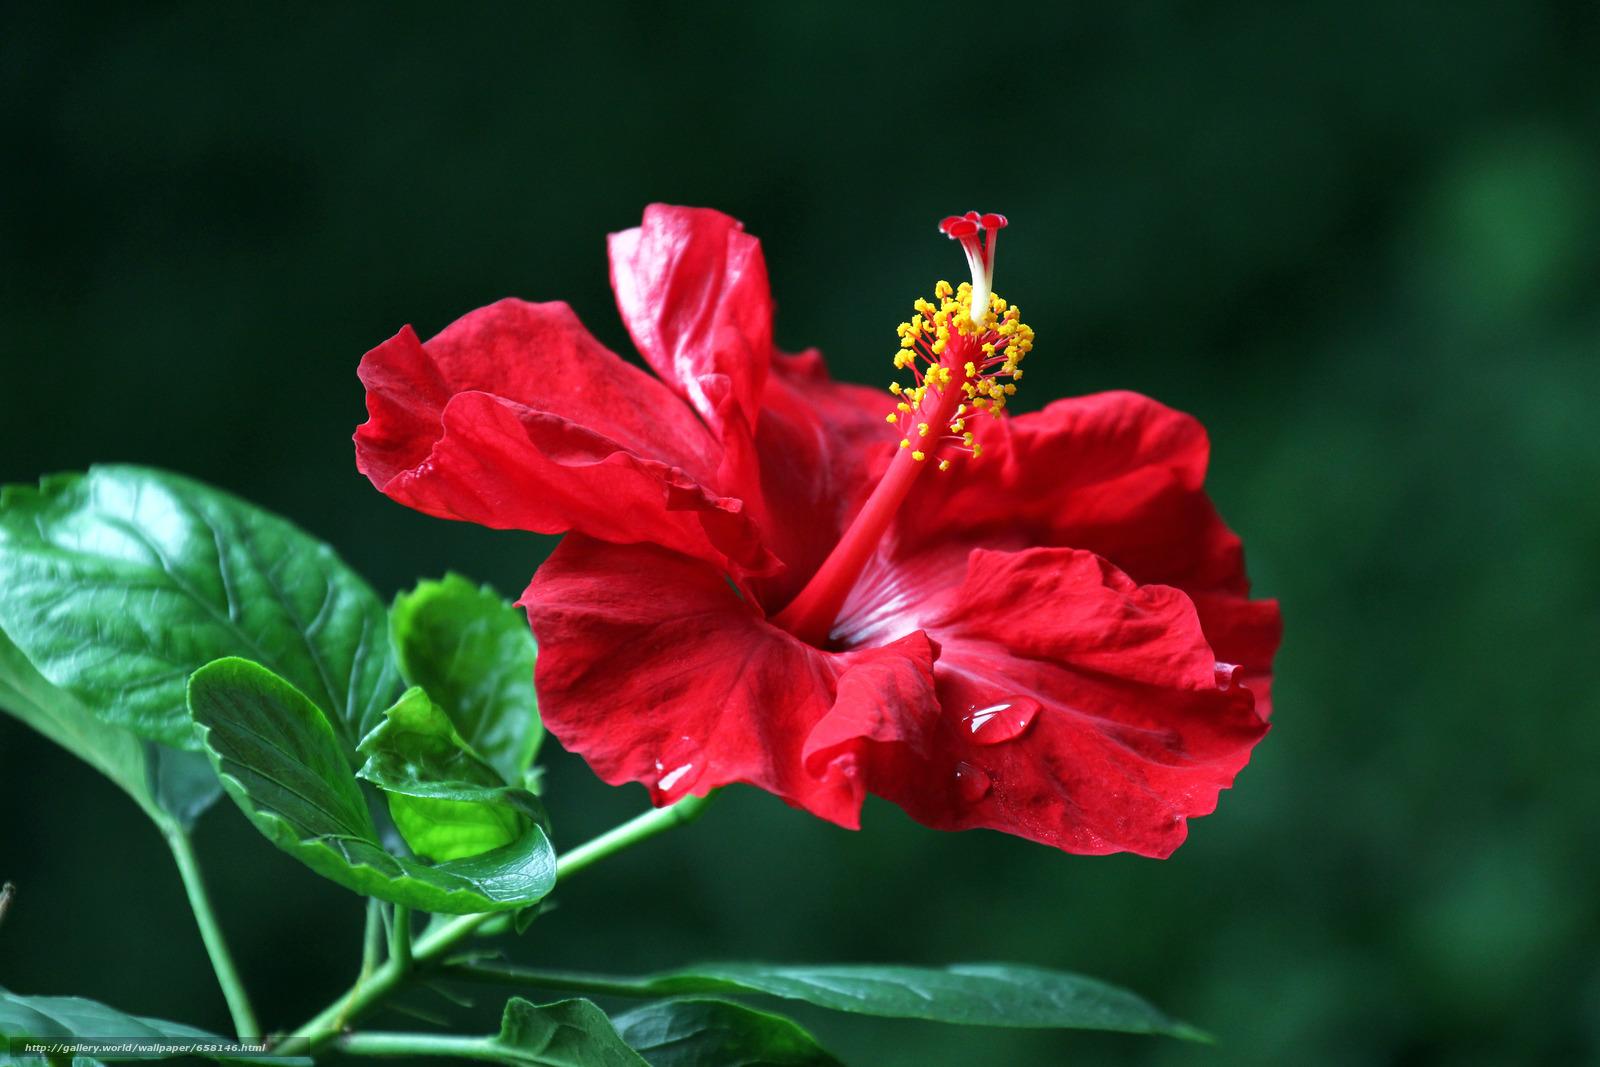 Скачать обои Гибискус,  Hibiscus,  цветы,  цветок бесплатно для рабочего стола в разрешении 5184x3456 — картинка №658146